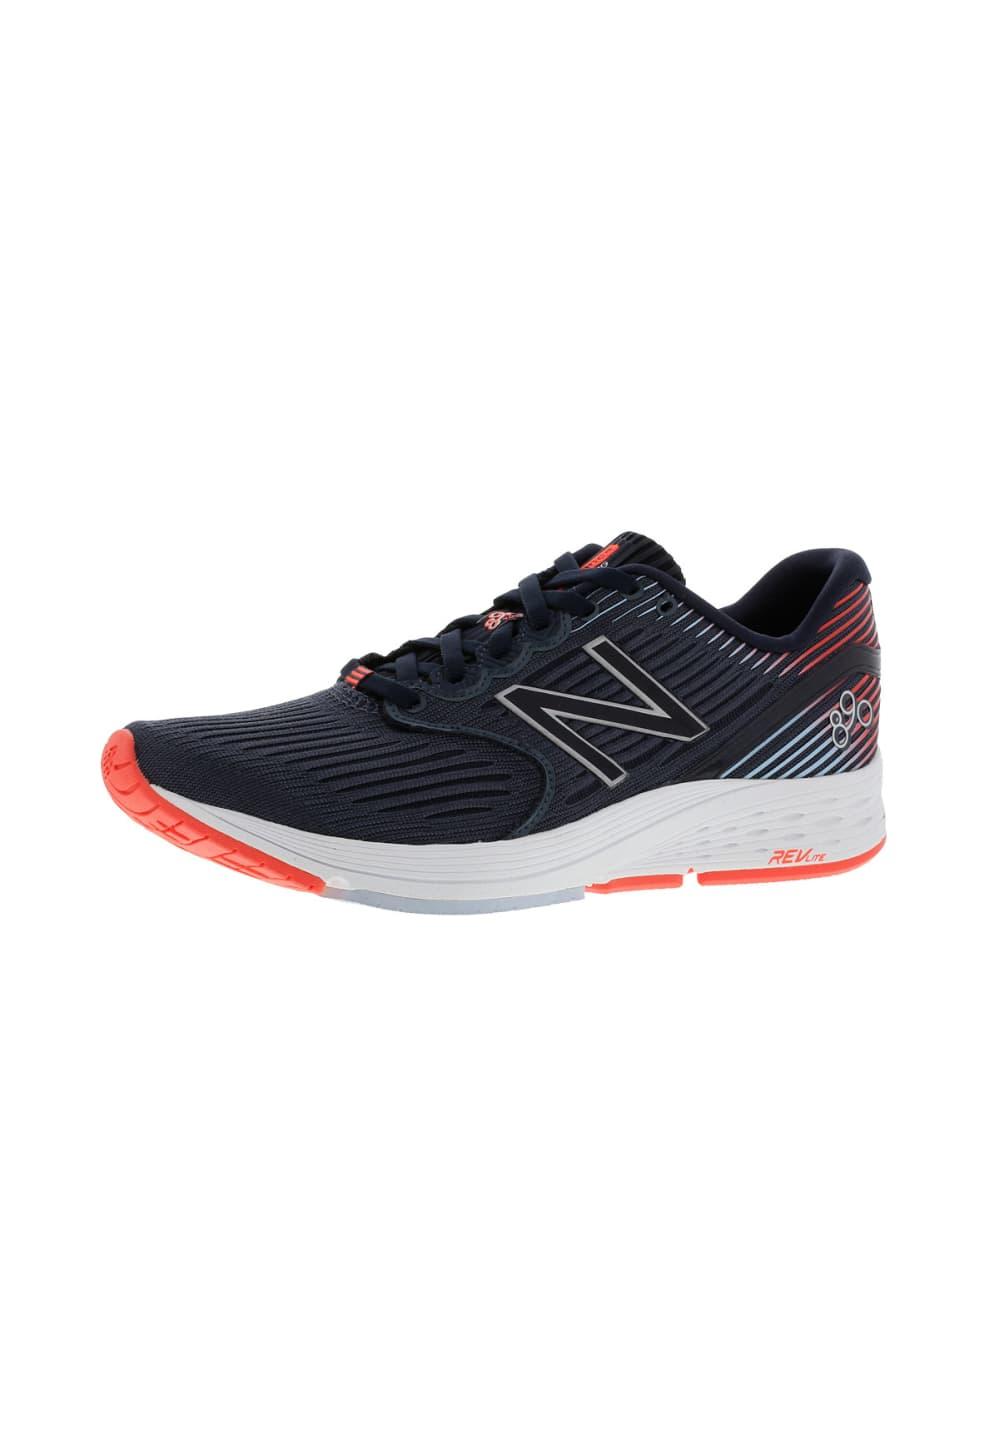 New Balance 890 - Laufschuhe für Damen - Grau